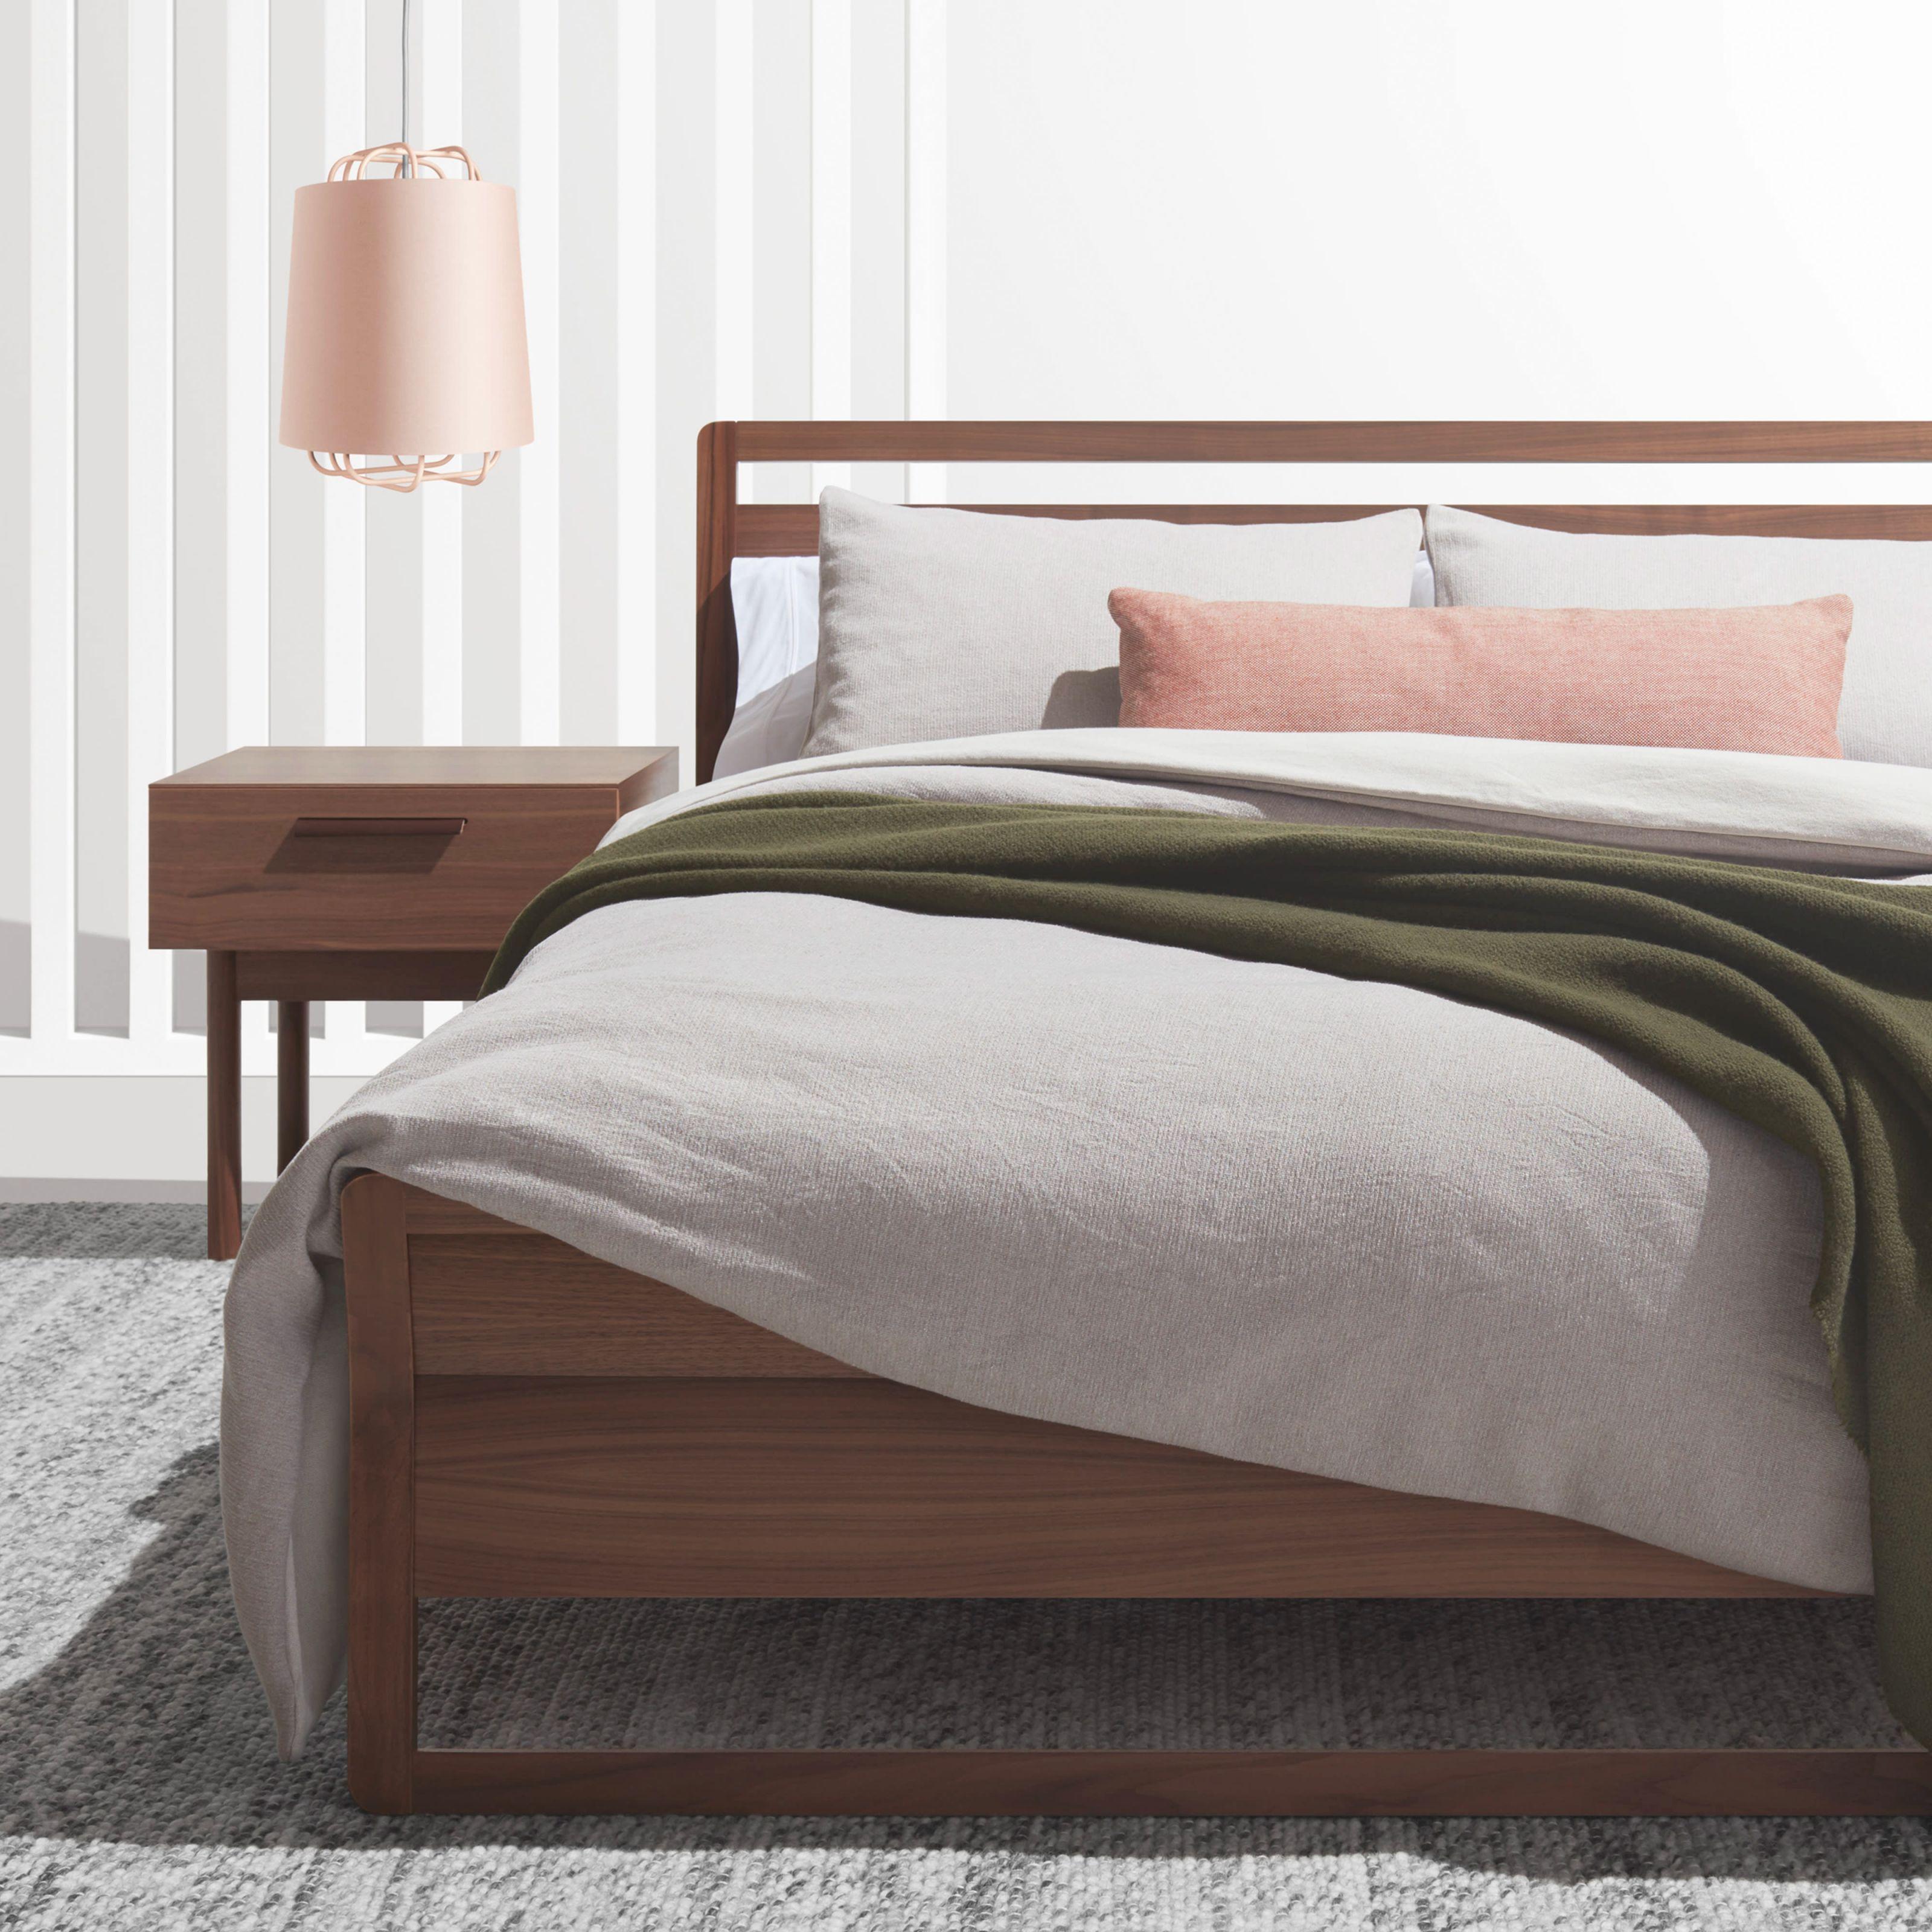 Modern Bedroom Furniture & Bedroom Sets | Blu Dot within Modern Bedroom Furniture Sets